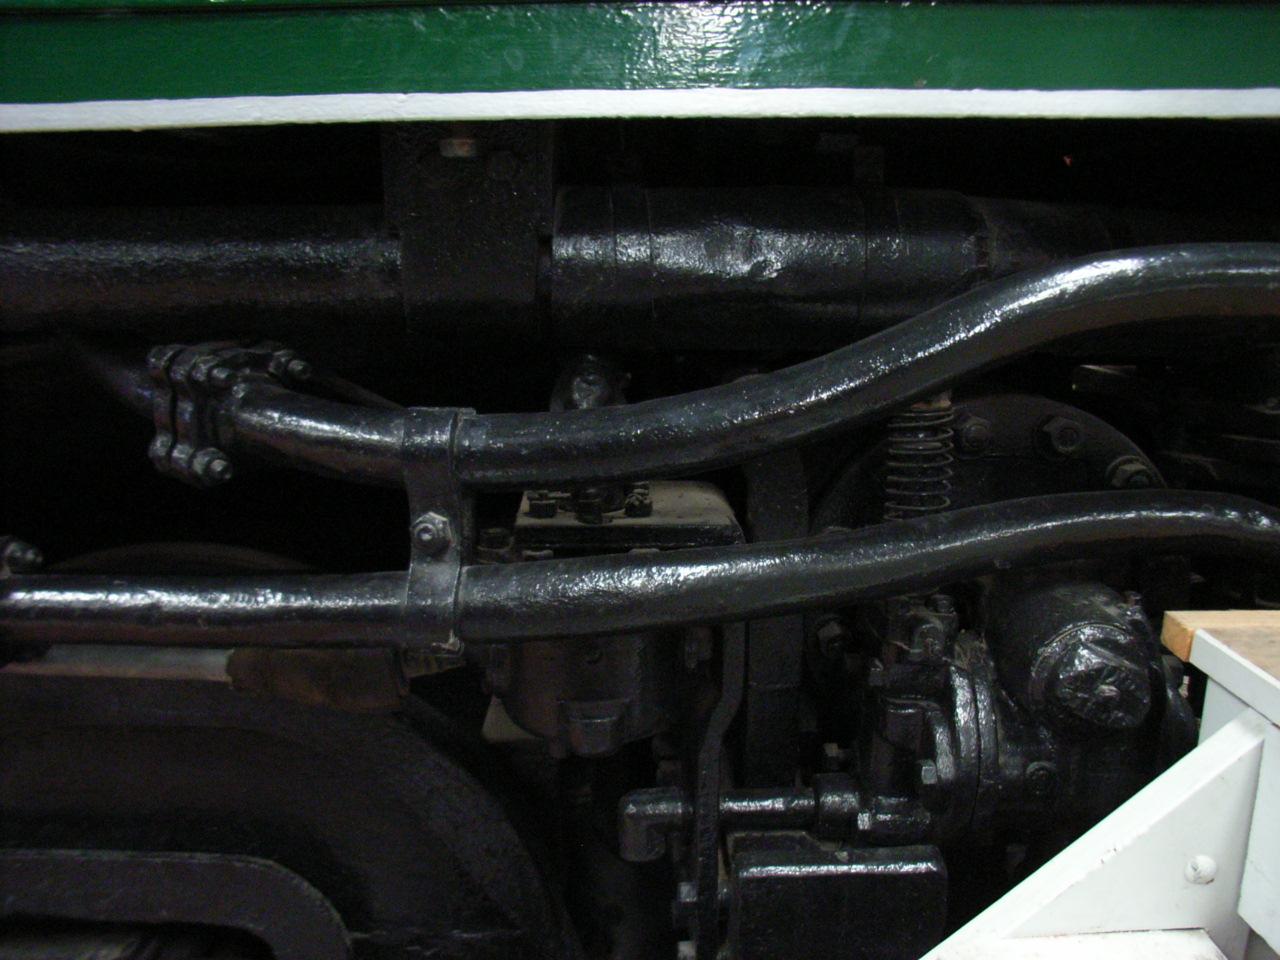 RJM70